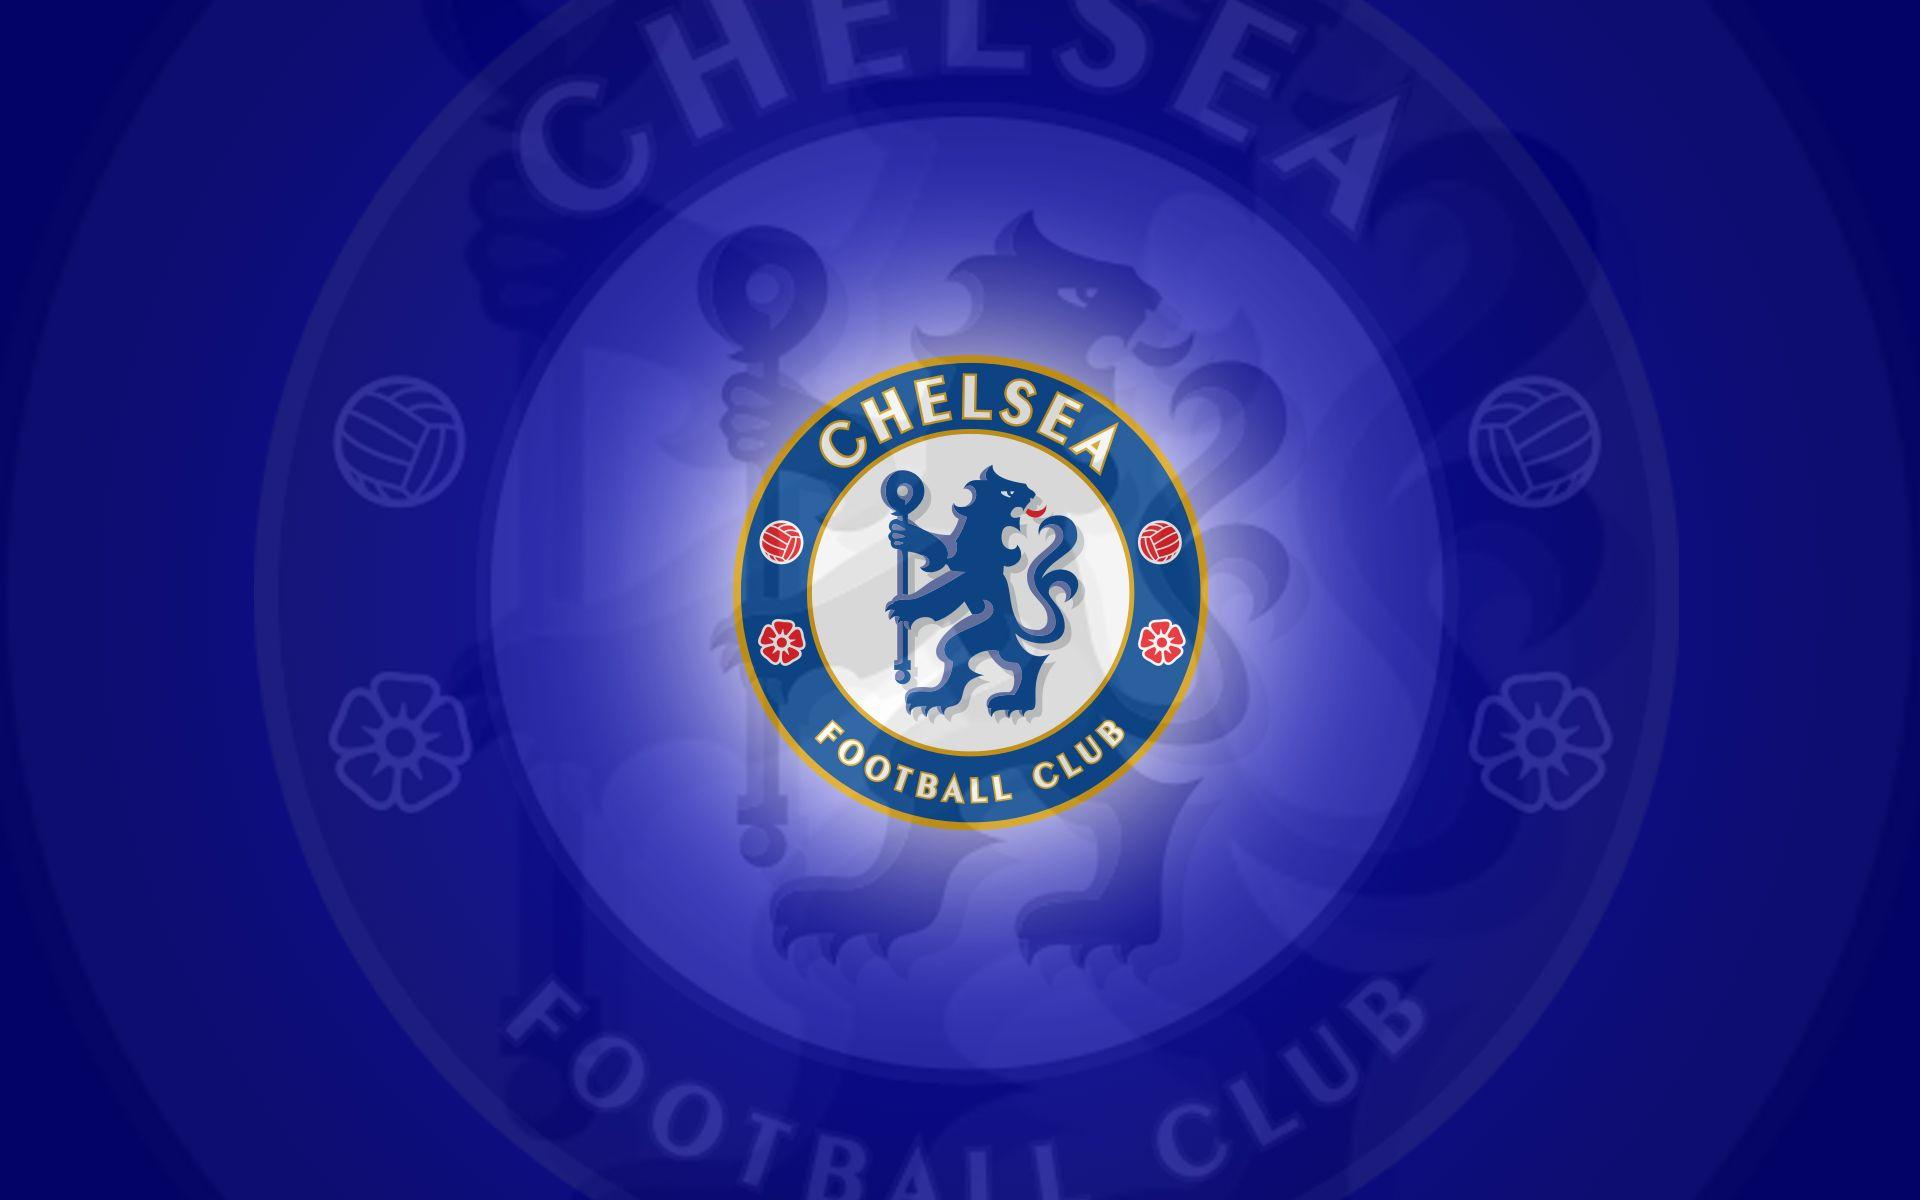 Chelsea FC Wallpaper 4   1920 X 1200 stmednet 1920x1200